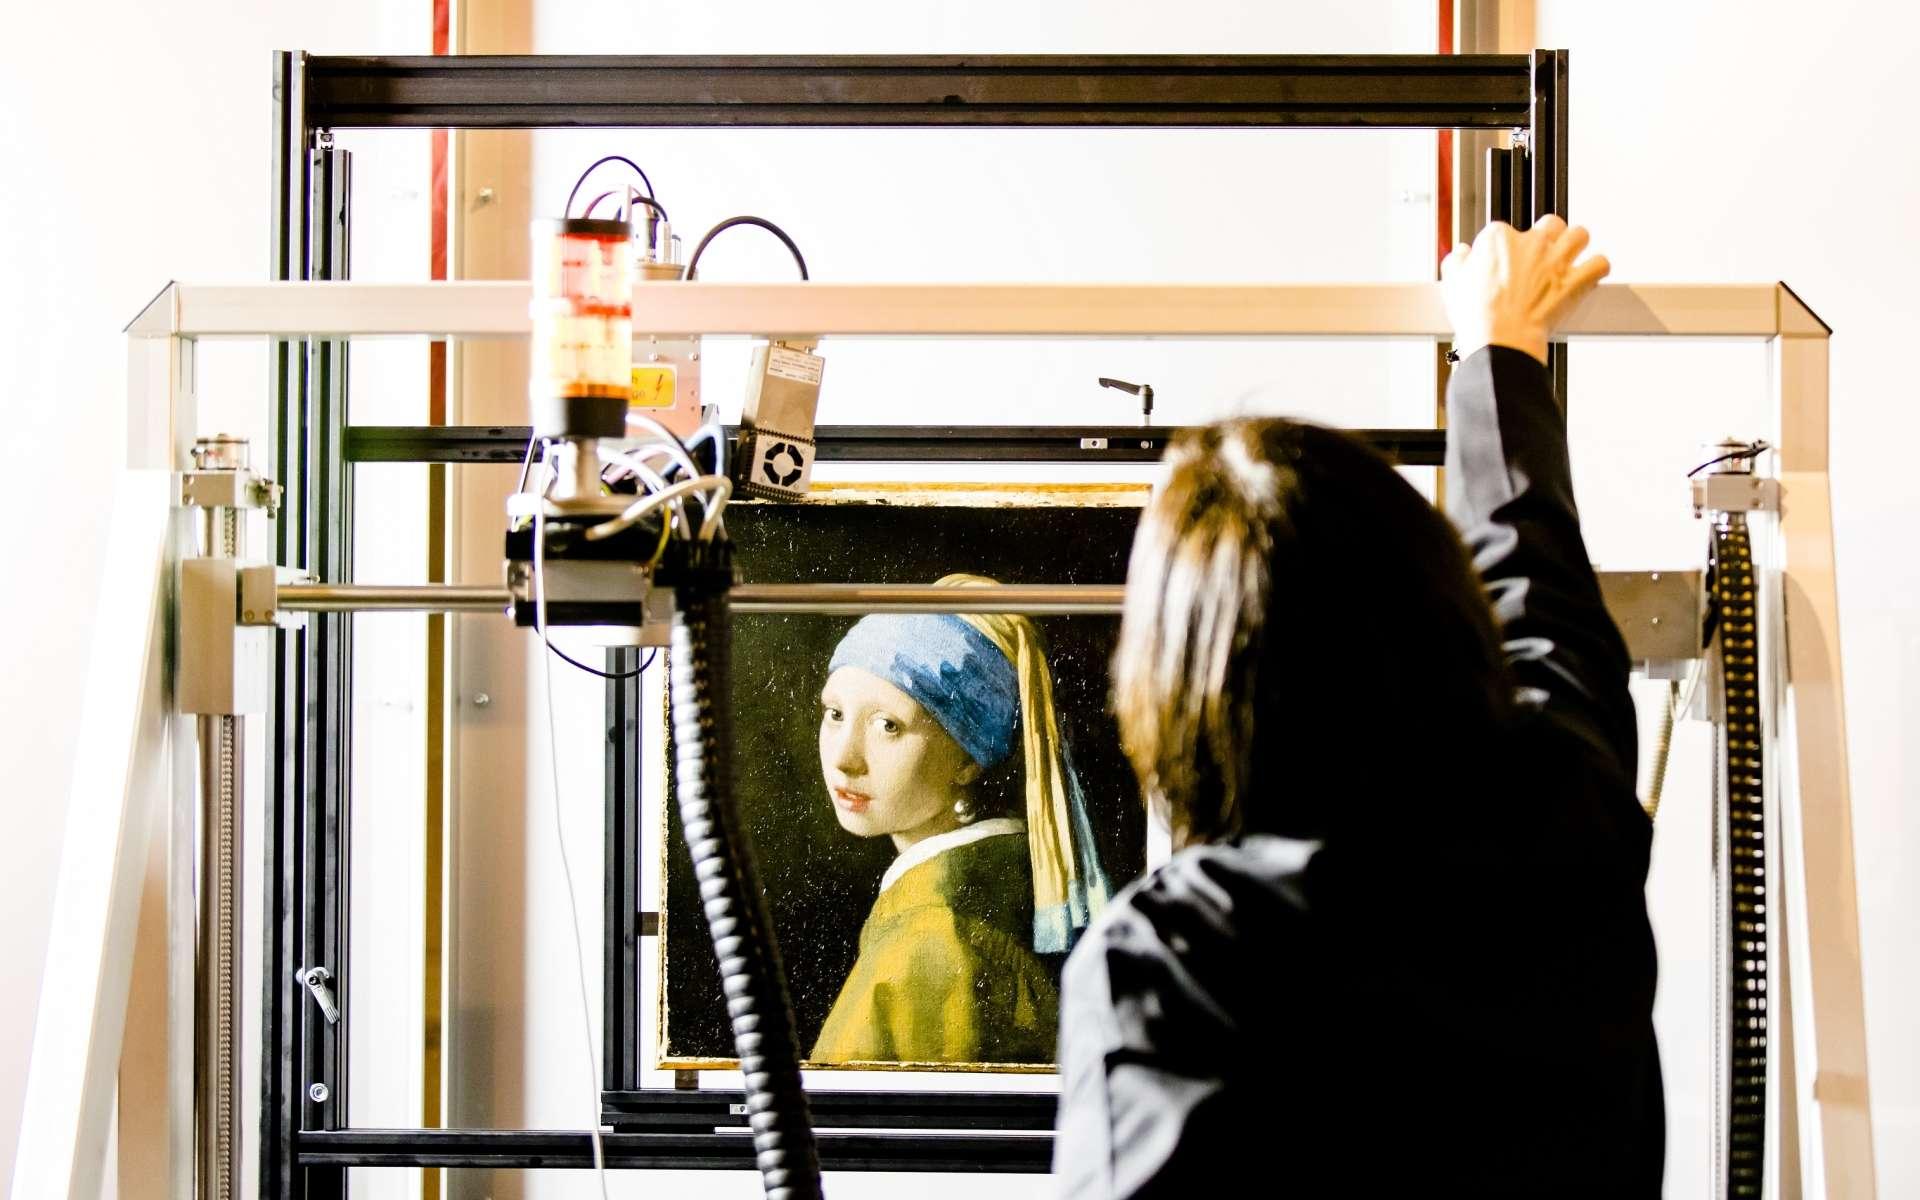 La jeune fille à la perle, de Vermeer, passée au rayon X macro fluorescent (MA-XRF) au musée Mauritshuis de La Haye, le 26 février 2018